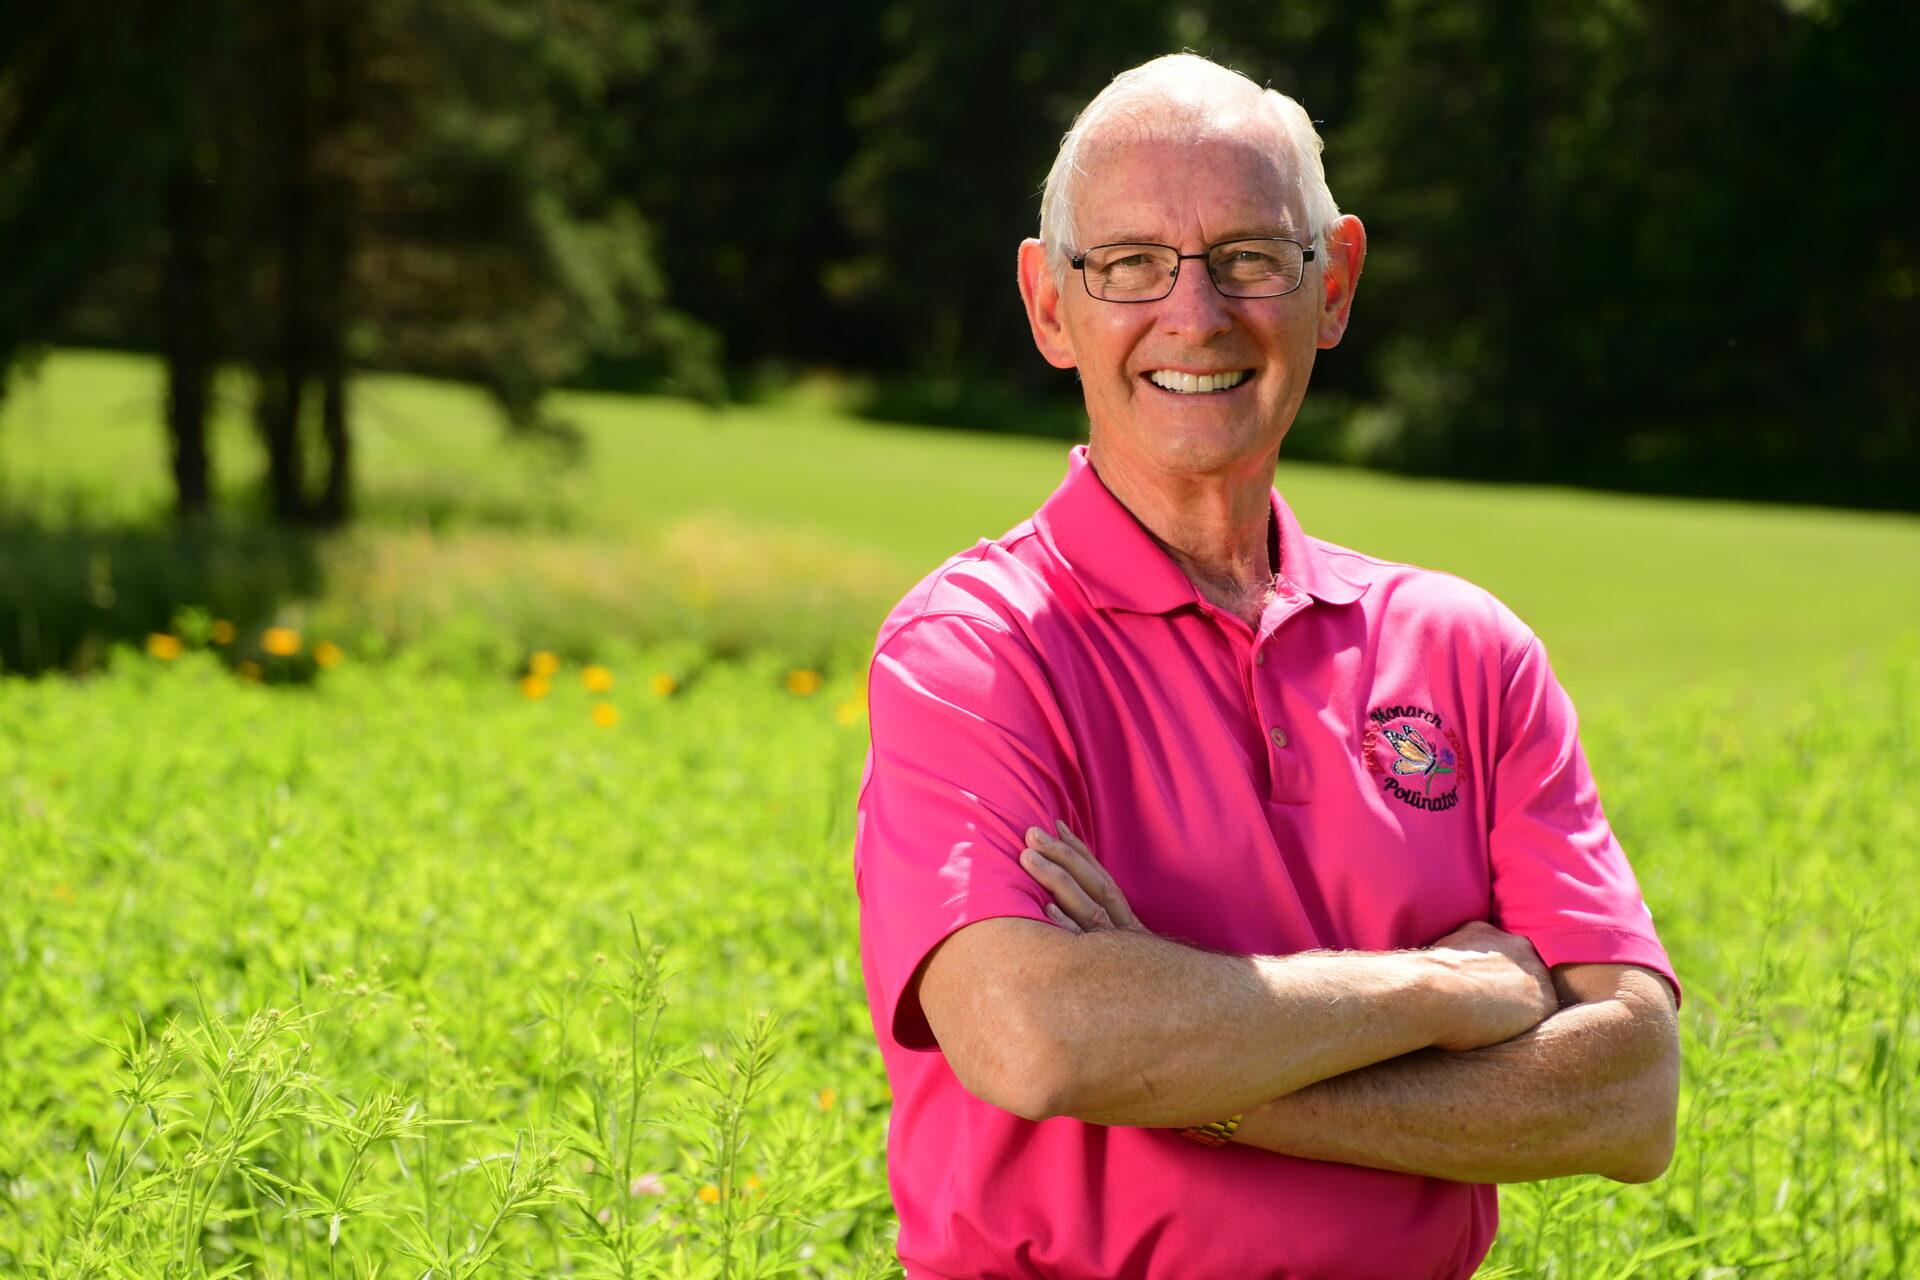 Clark McLeod